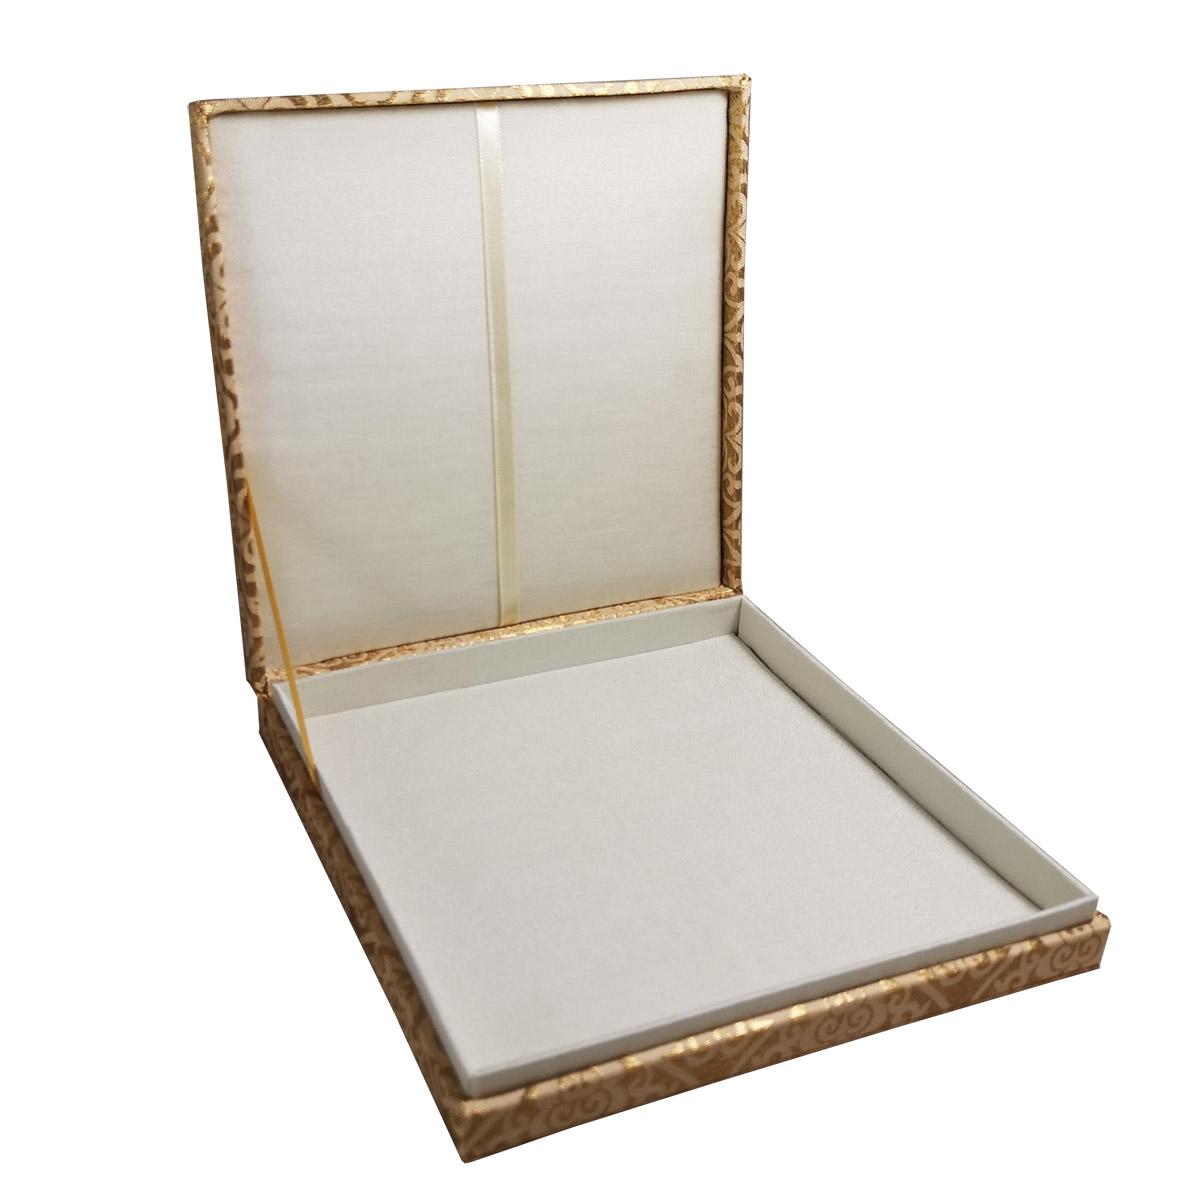 interior look of brocade silk box